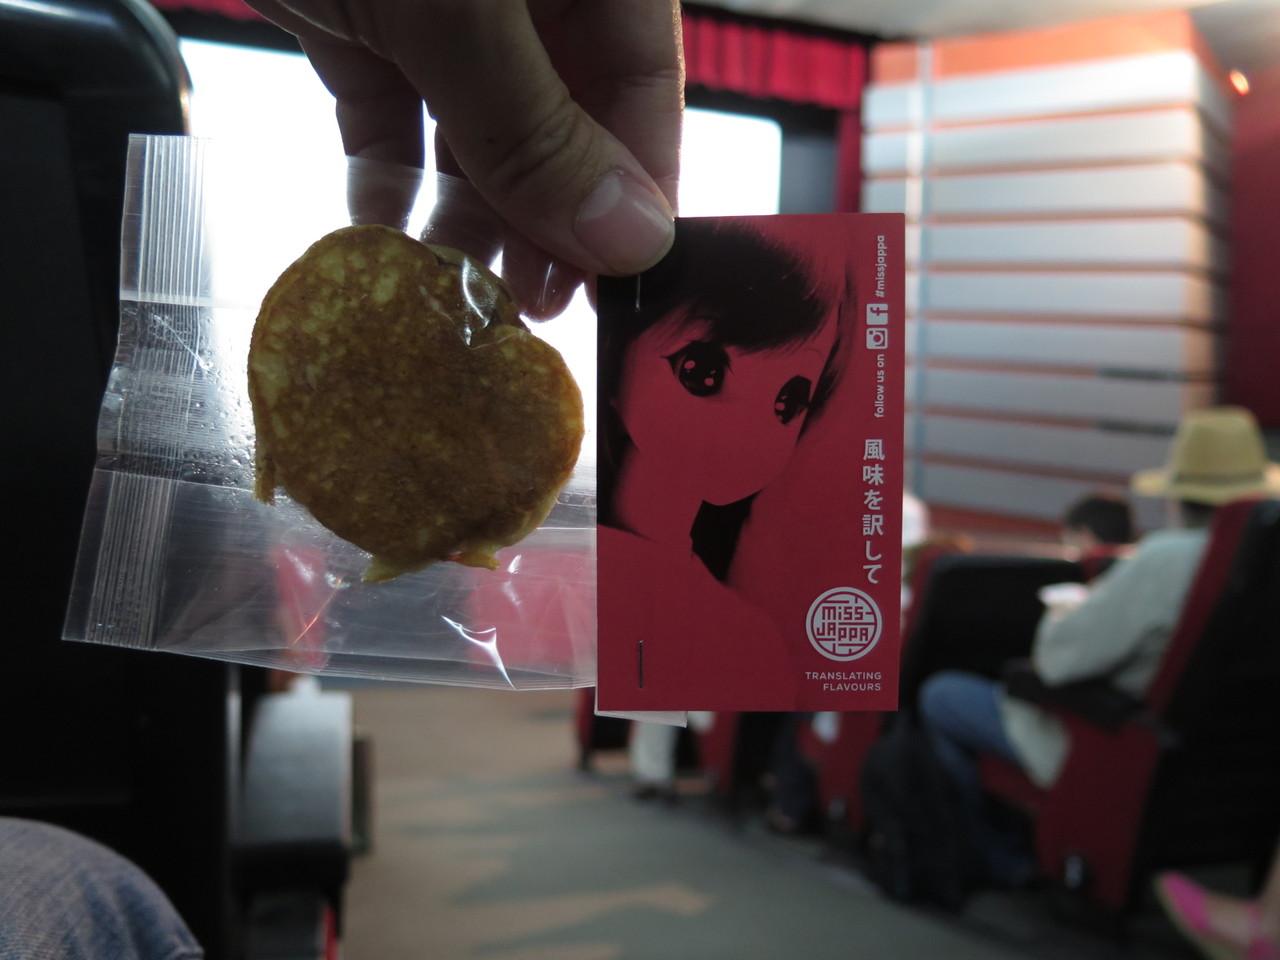 Dorayaki feito por Anna Lins no MISS JAPPA... e oferecido no cinema Medeia Monumental